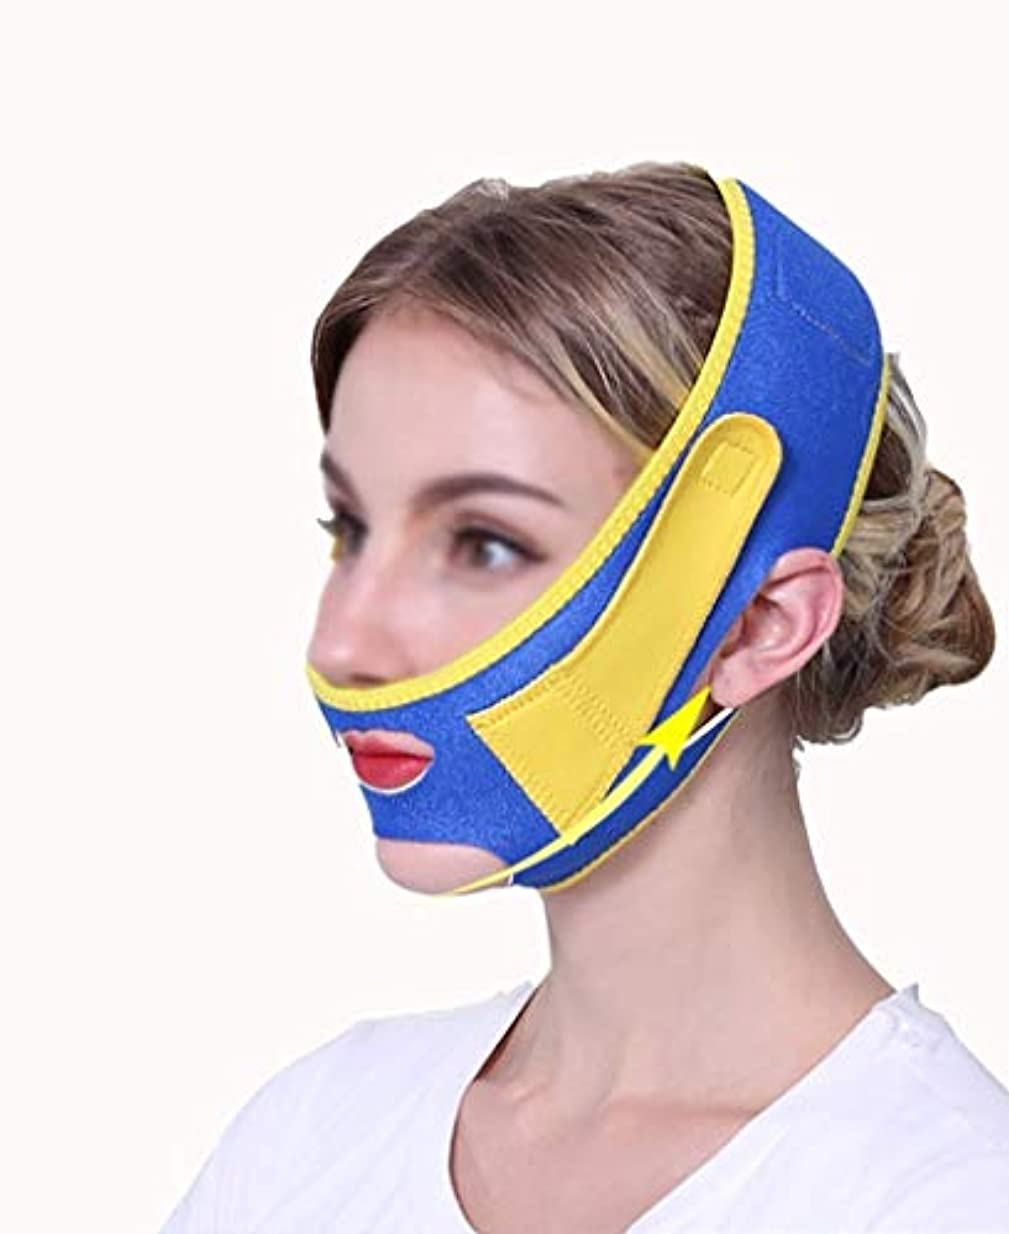 ガム論争的ペットフェイスリフトマスク、あごひも回復包帯薄いフェイスマスクVフェイスステッカーフェイスリフトステッカー韓国